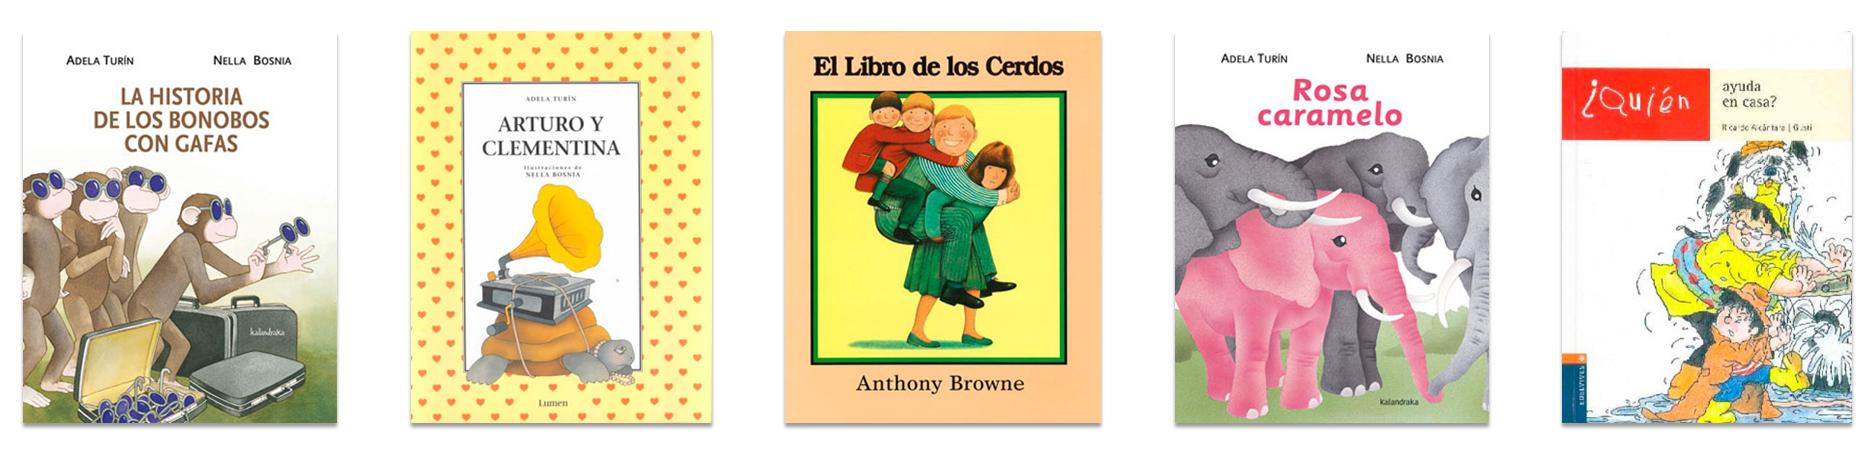 10 Libros para educar a los niños en igualdad